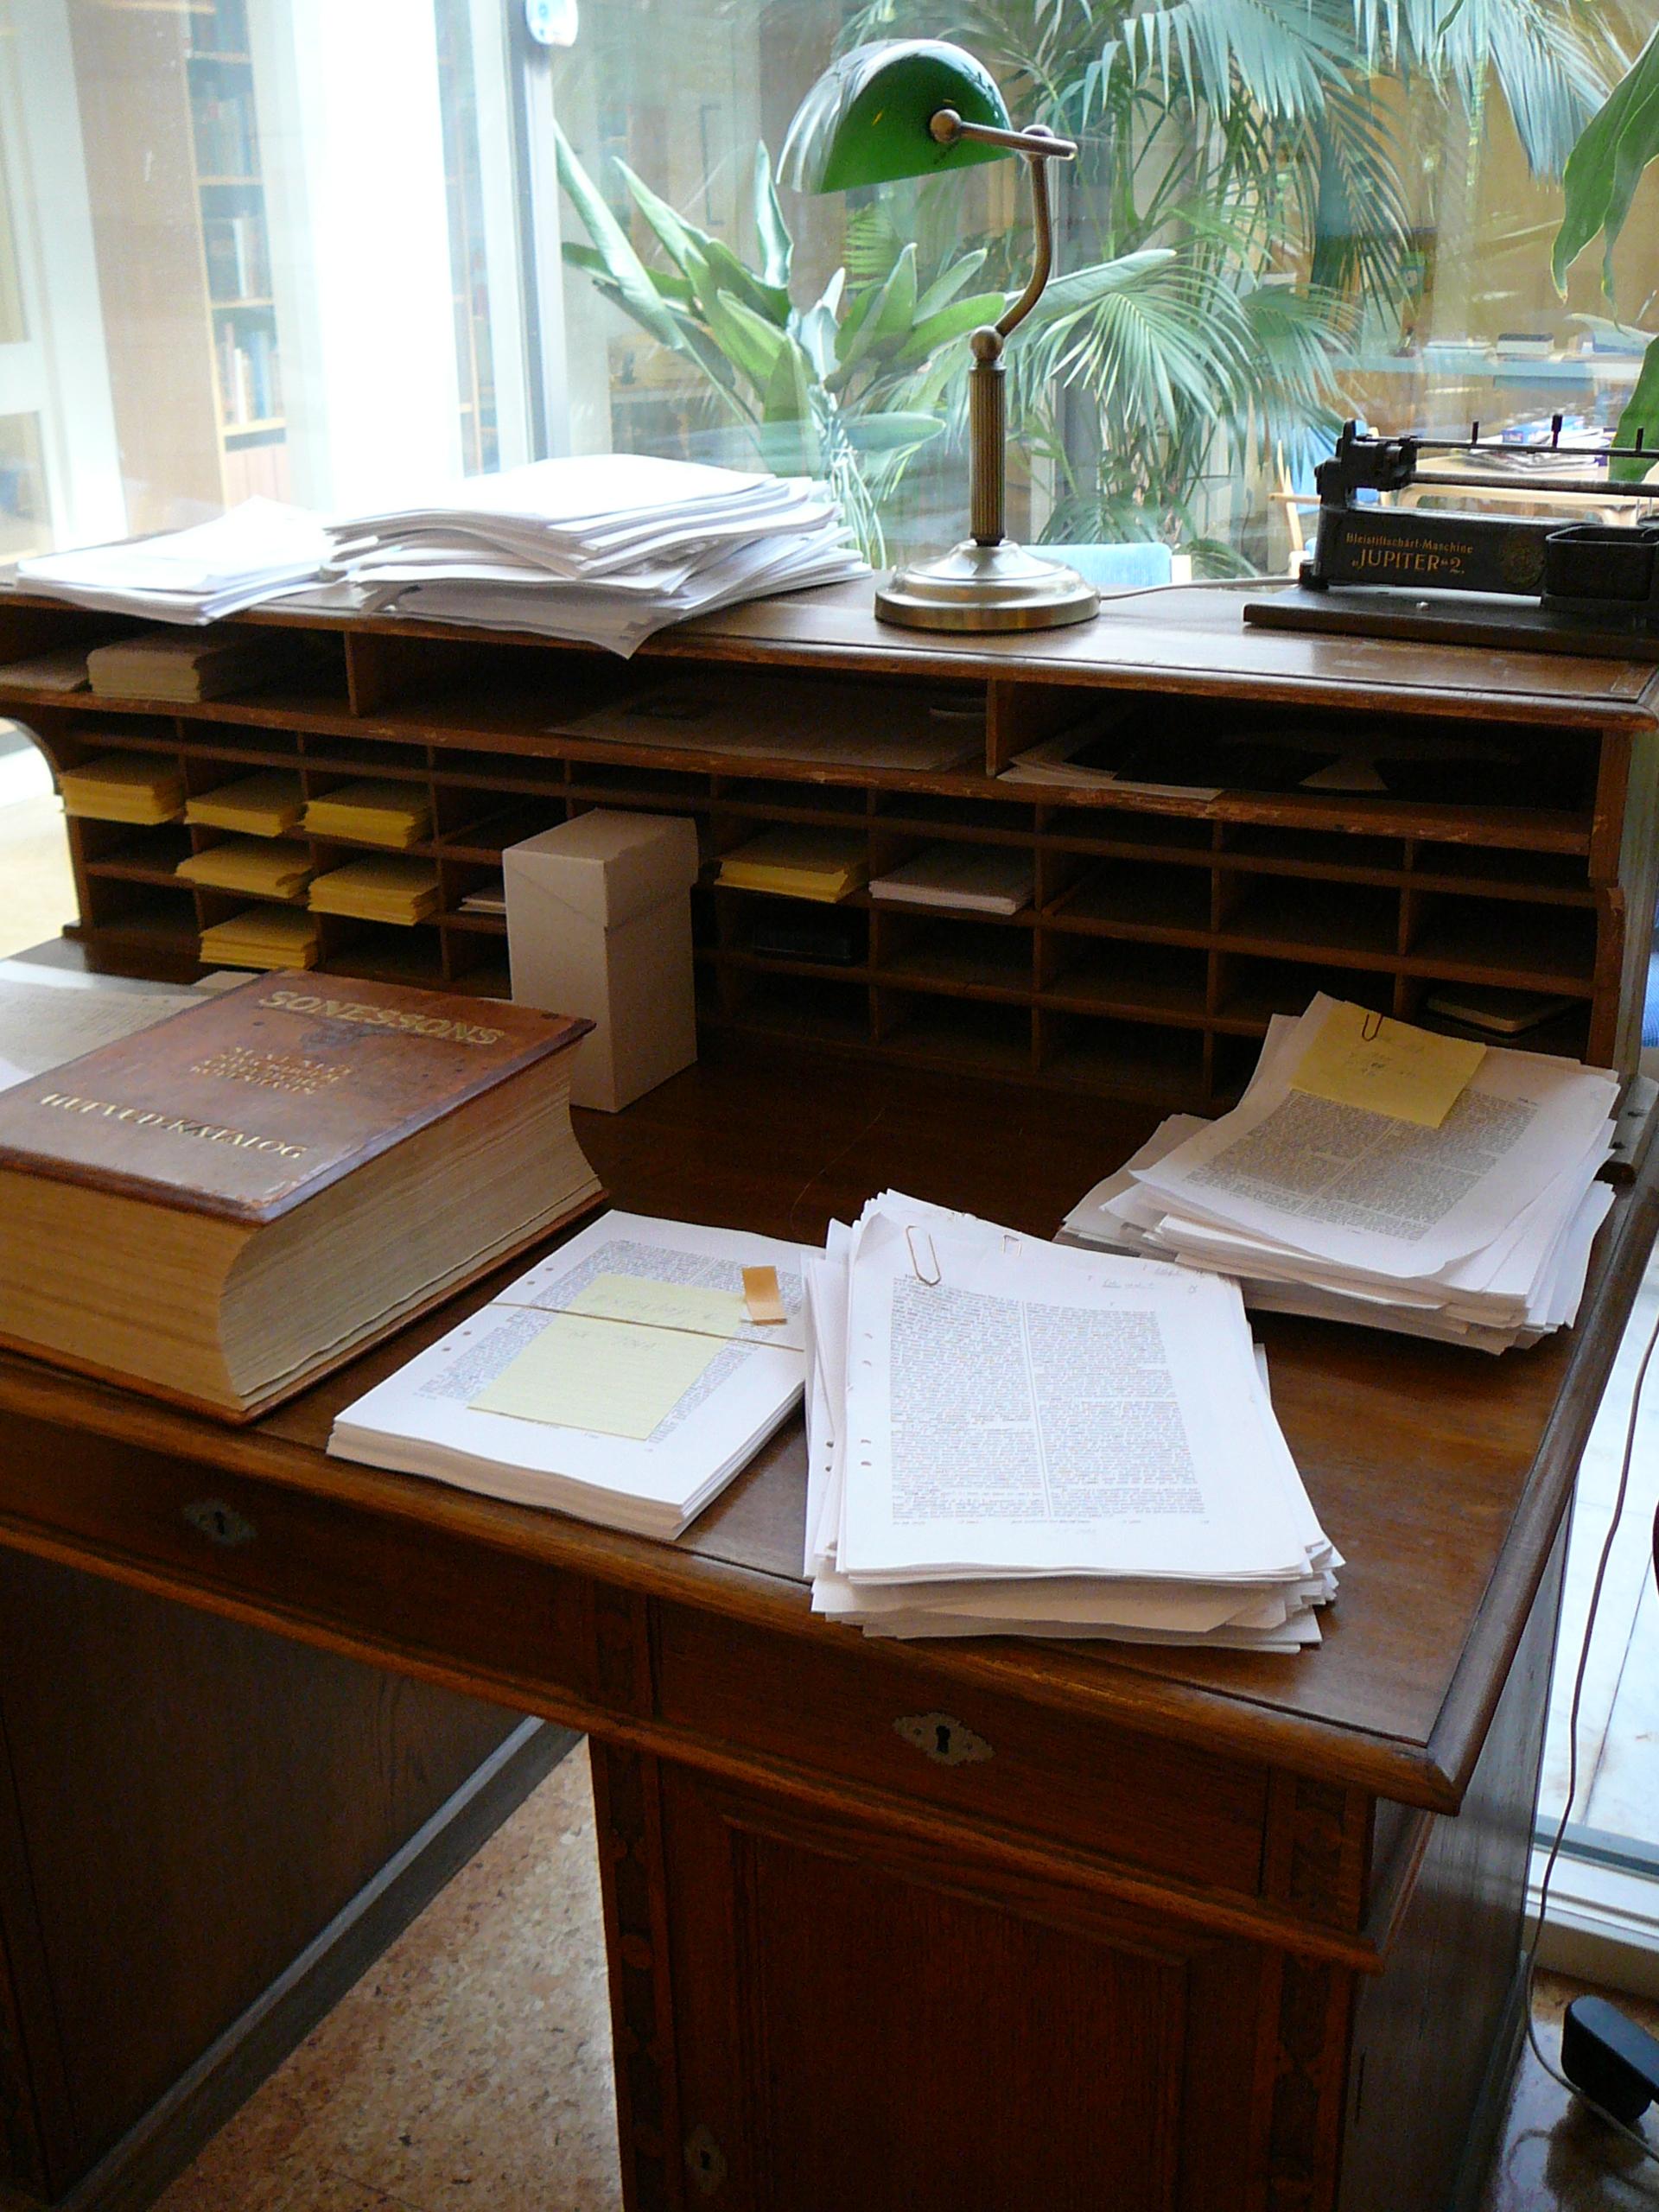 Konkurrens och skiljaktigheter – Redaktionen för SAOB berättar